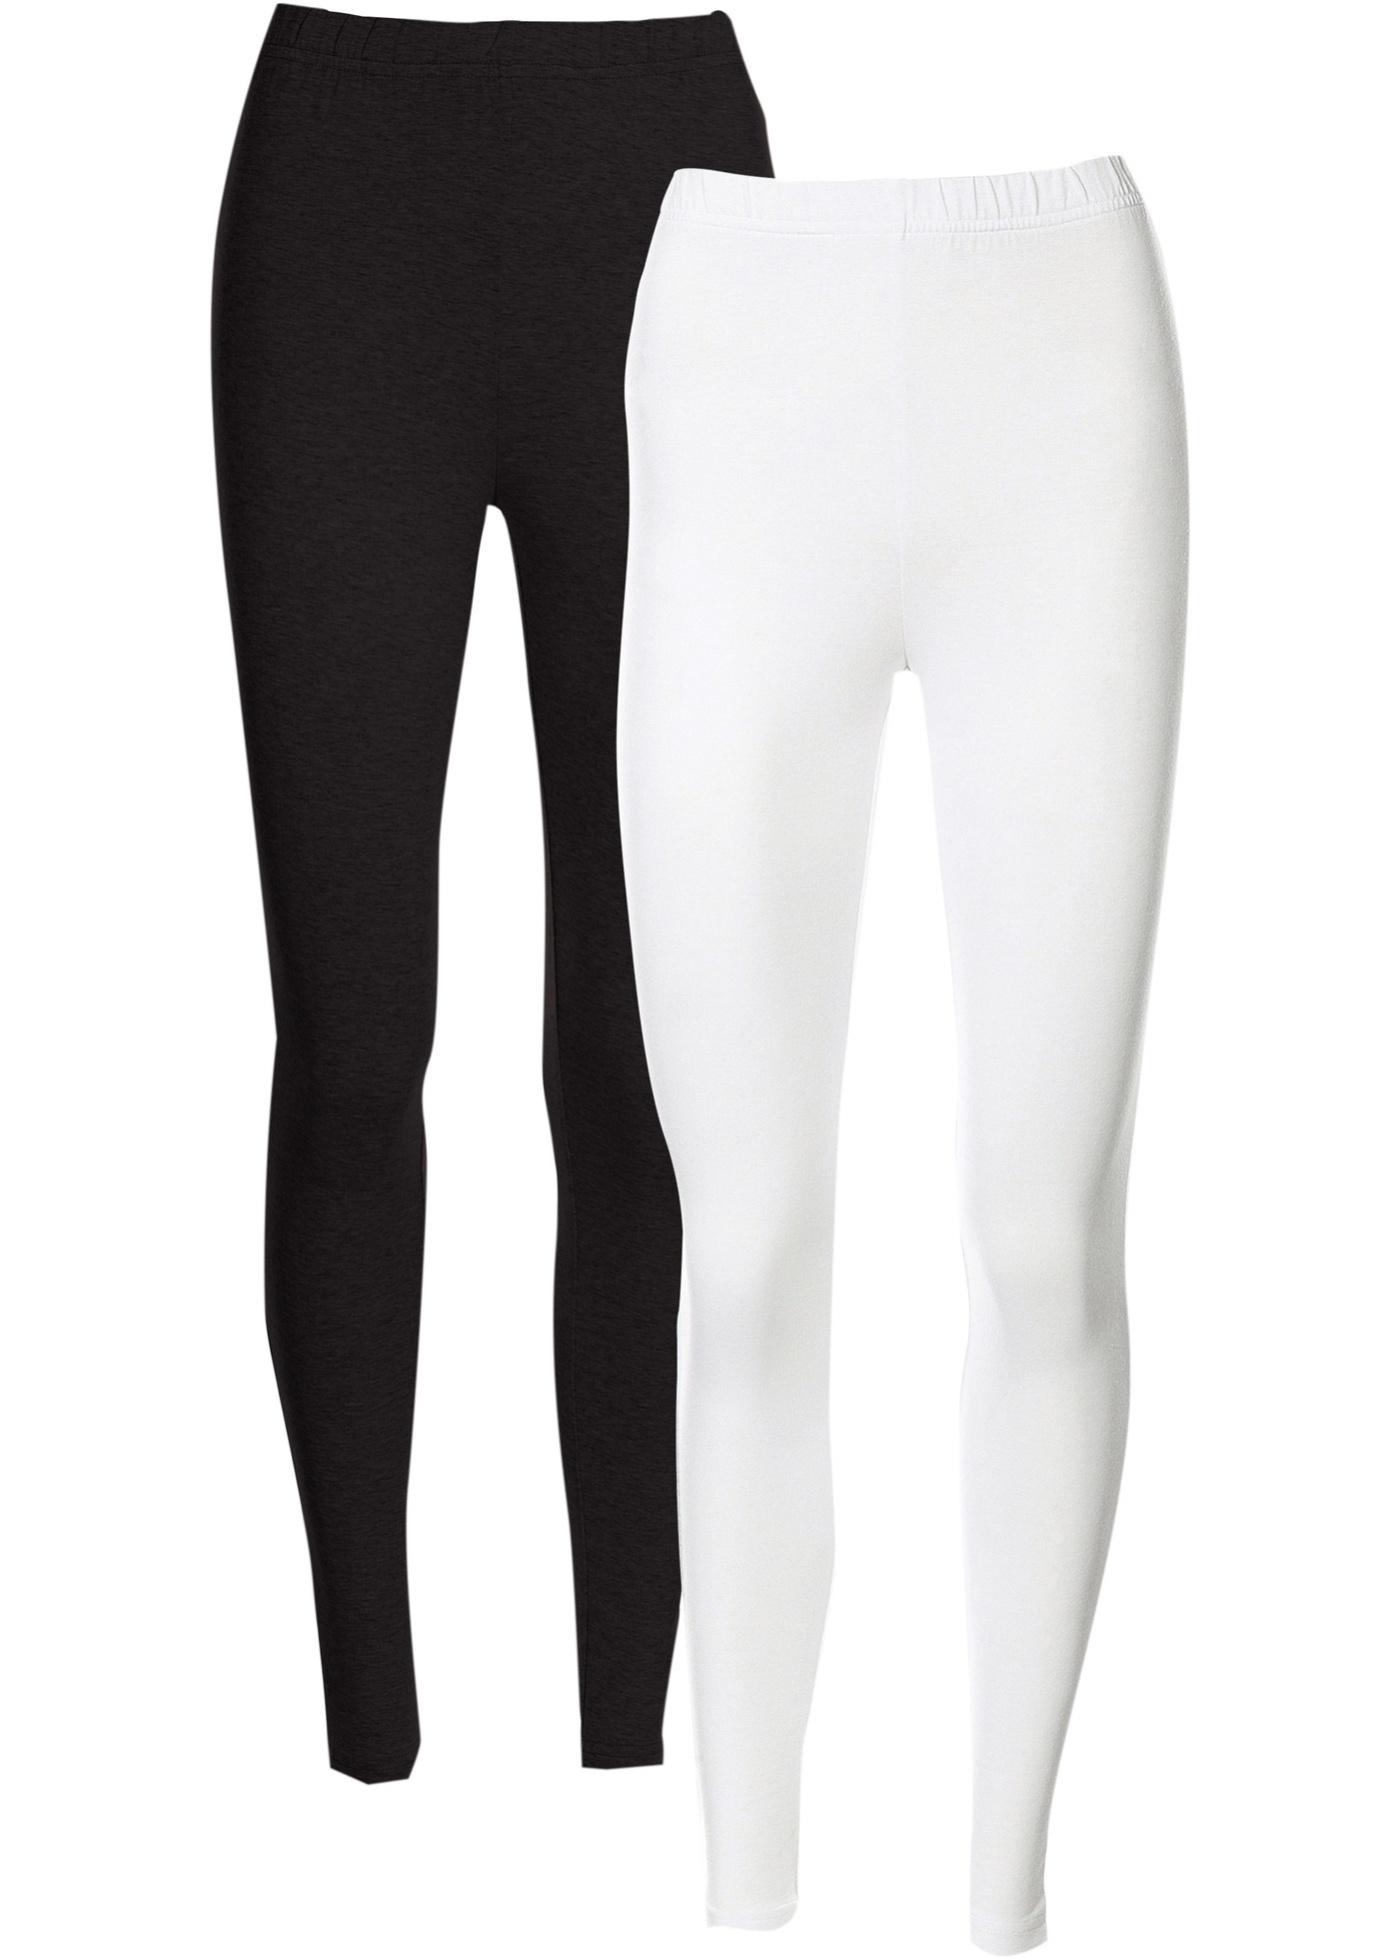 CollectionLot Leggings Blanc De Pour Femme Bpc 2 Bonprix Extensibles lF1cKJ3T